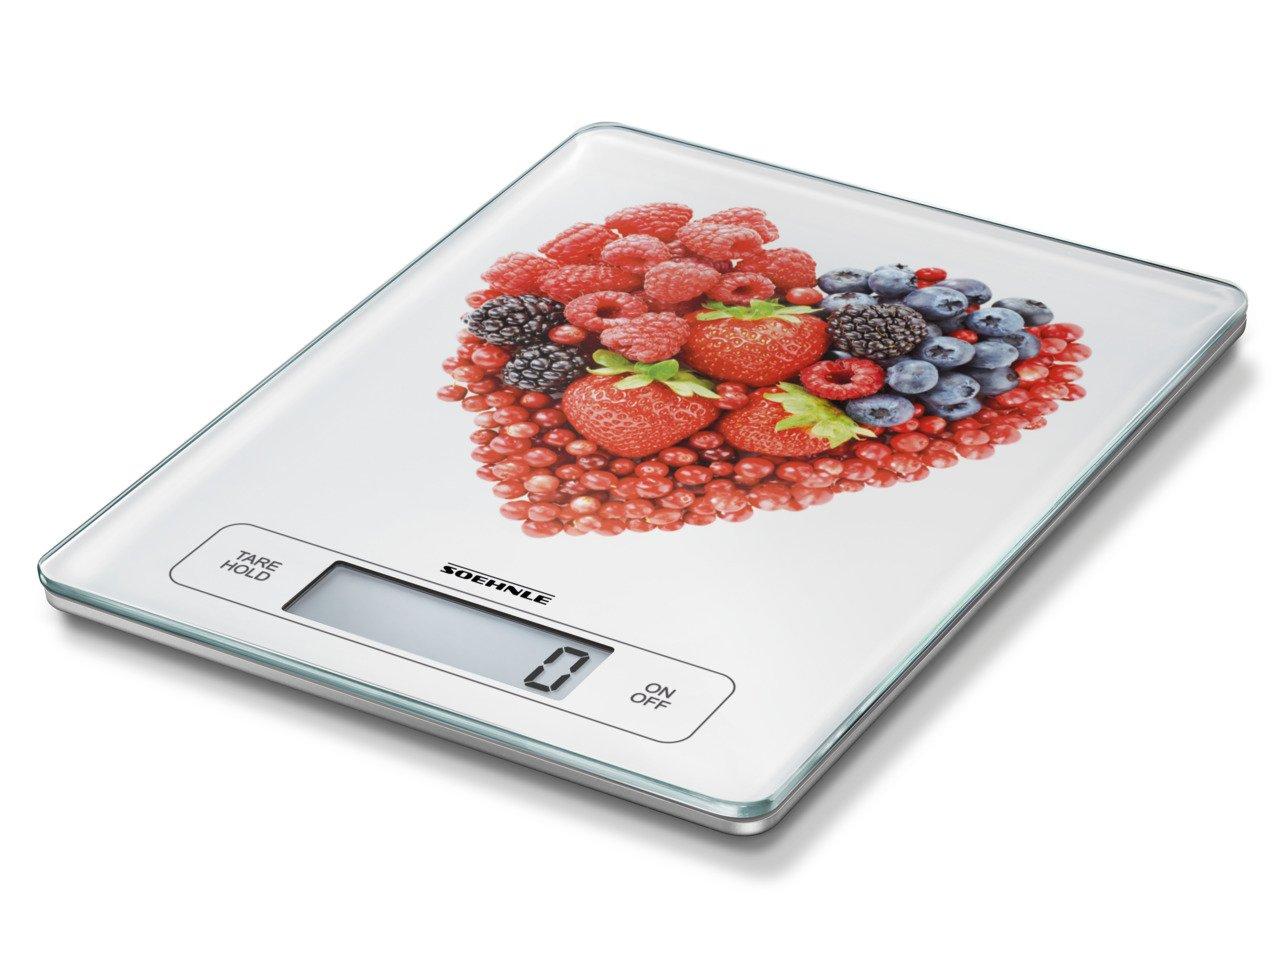 Soehnle 66311 Page Profi Fruit Heart 15 kg Stainless Steel 29.5x23x2.5 cm